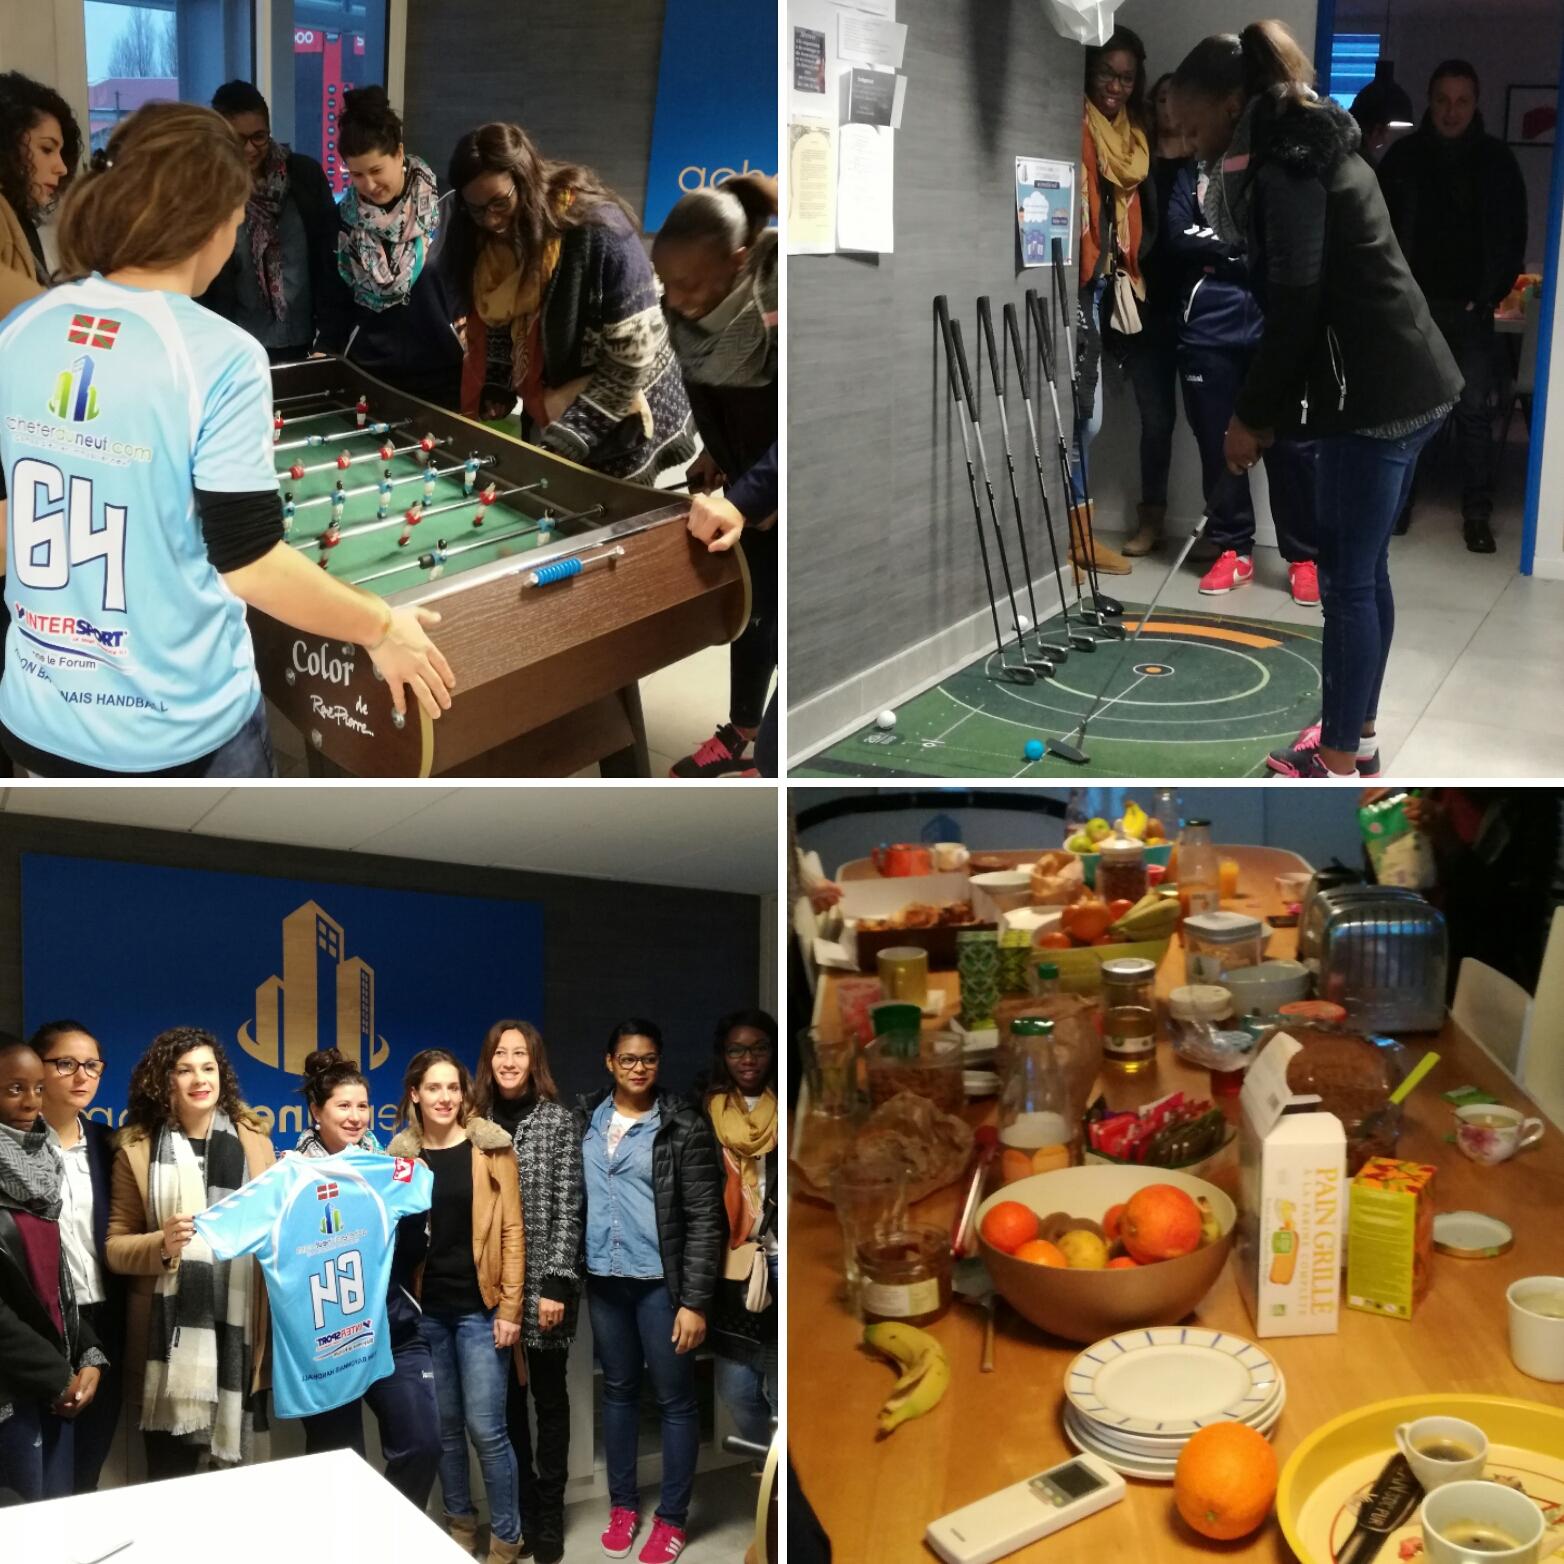 Acheterduneuf.com sponsor de l'équipe de Handball AB